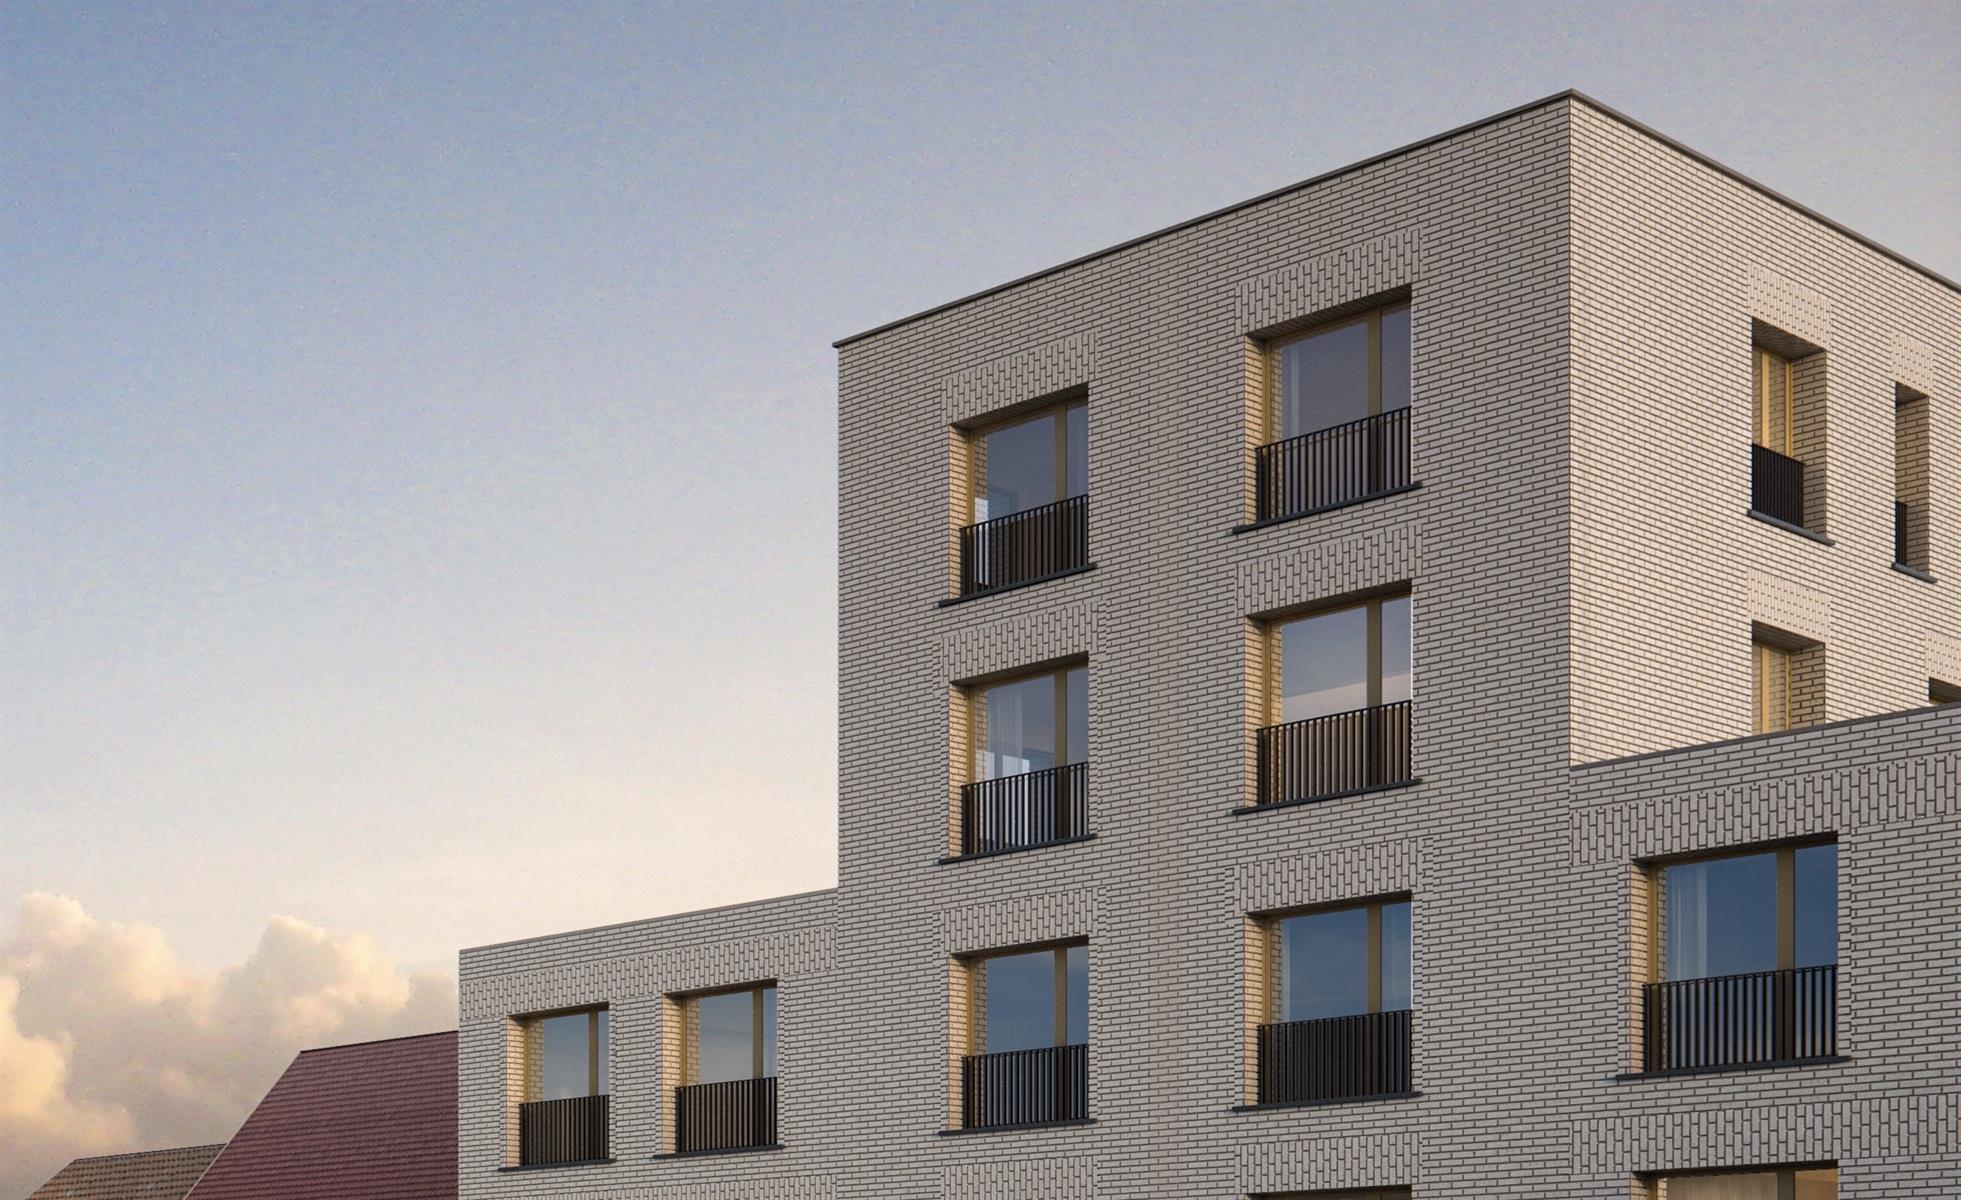 Te koop, Appartement, Deinze, AP 2.4 - Pakhuis - Appartement